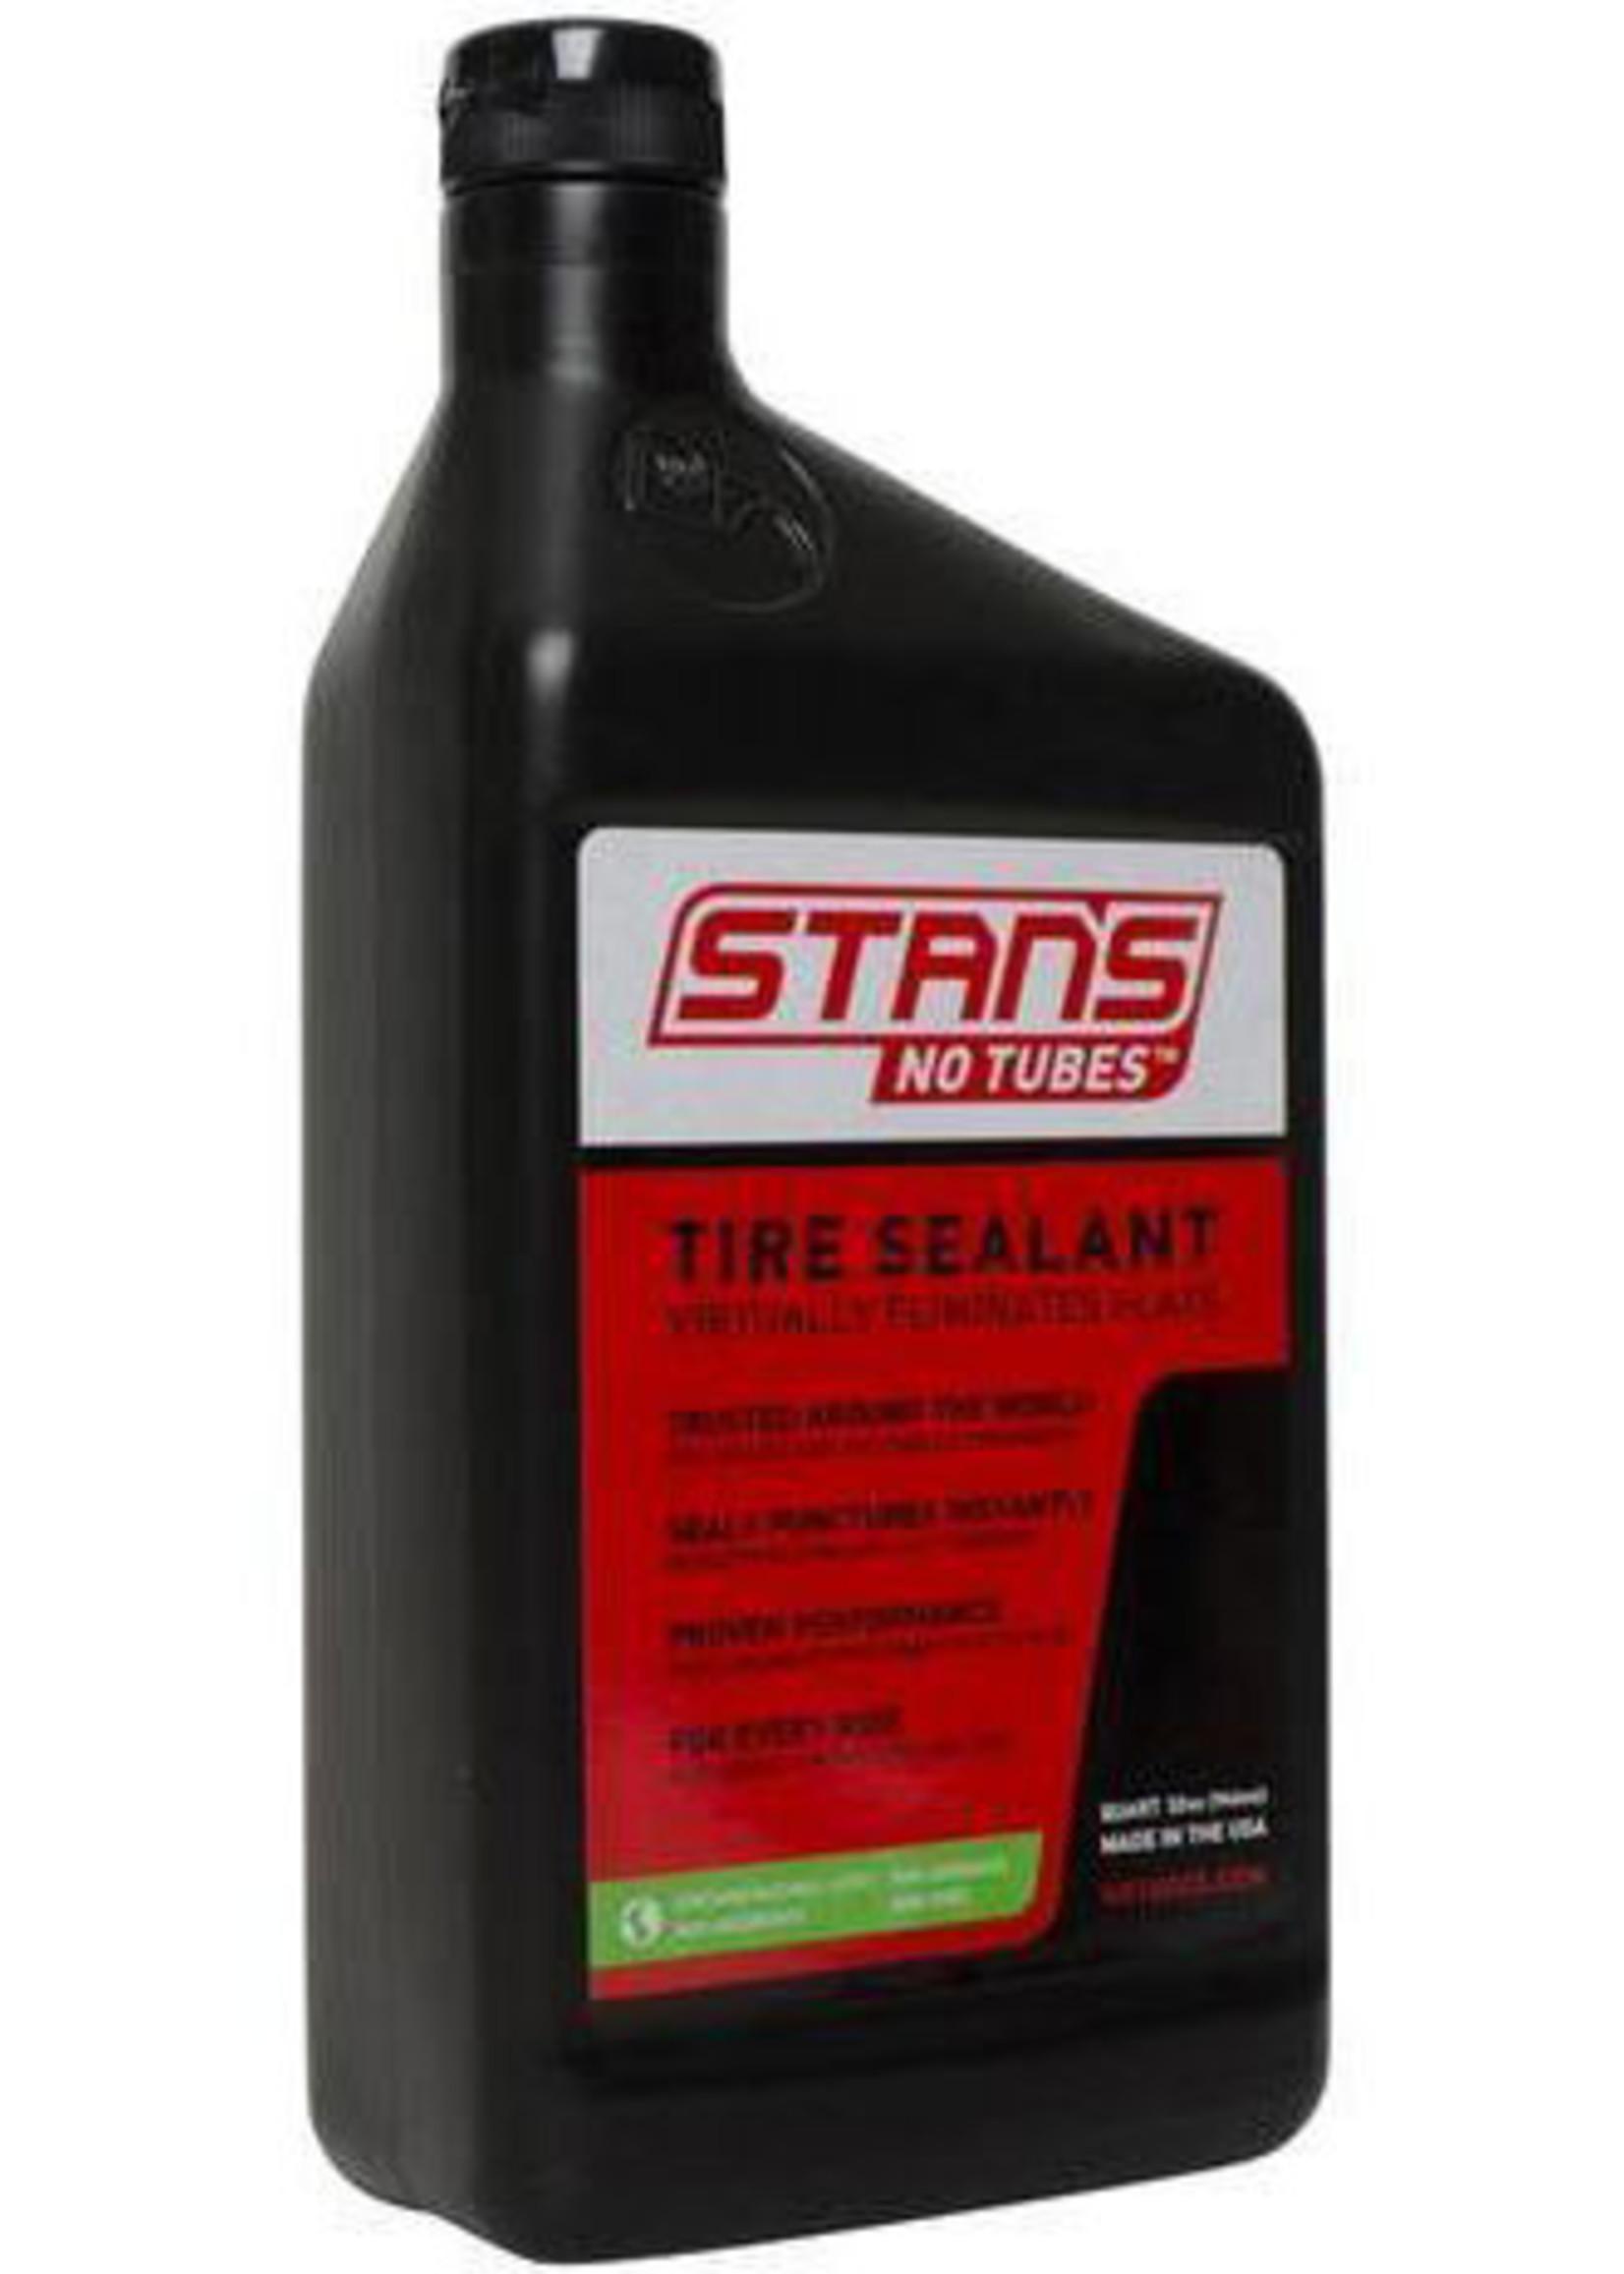 Stan's No Tubes Stan's NoTubes Sealant Solution Pint Bottle (16 fl oz.)